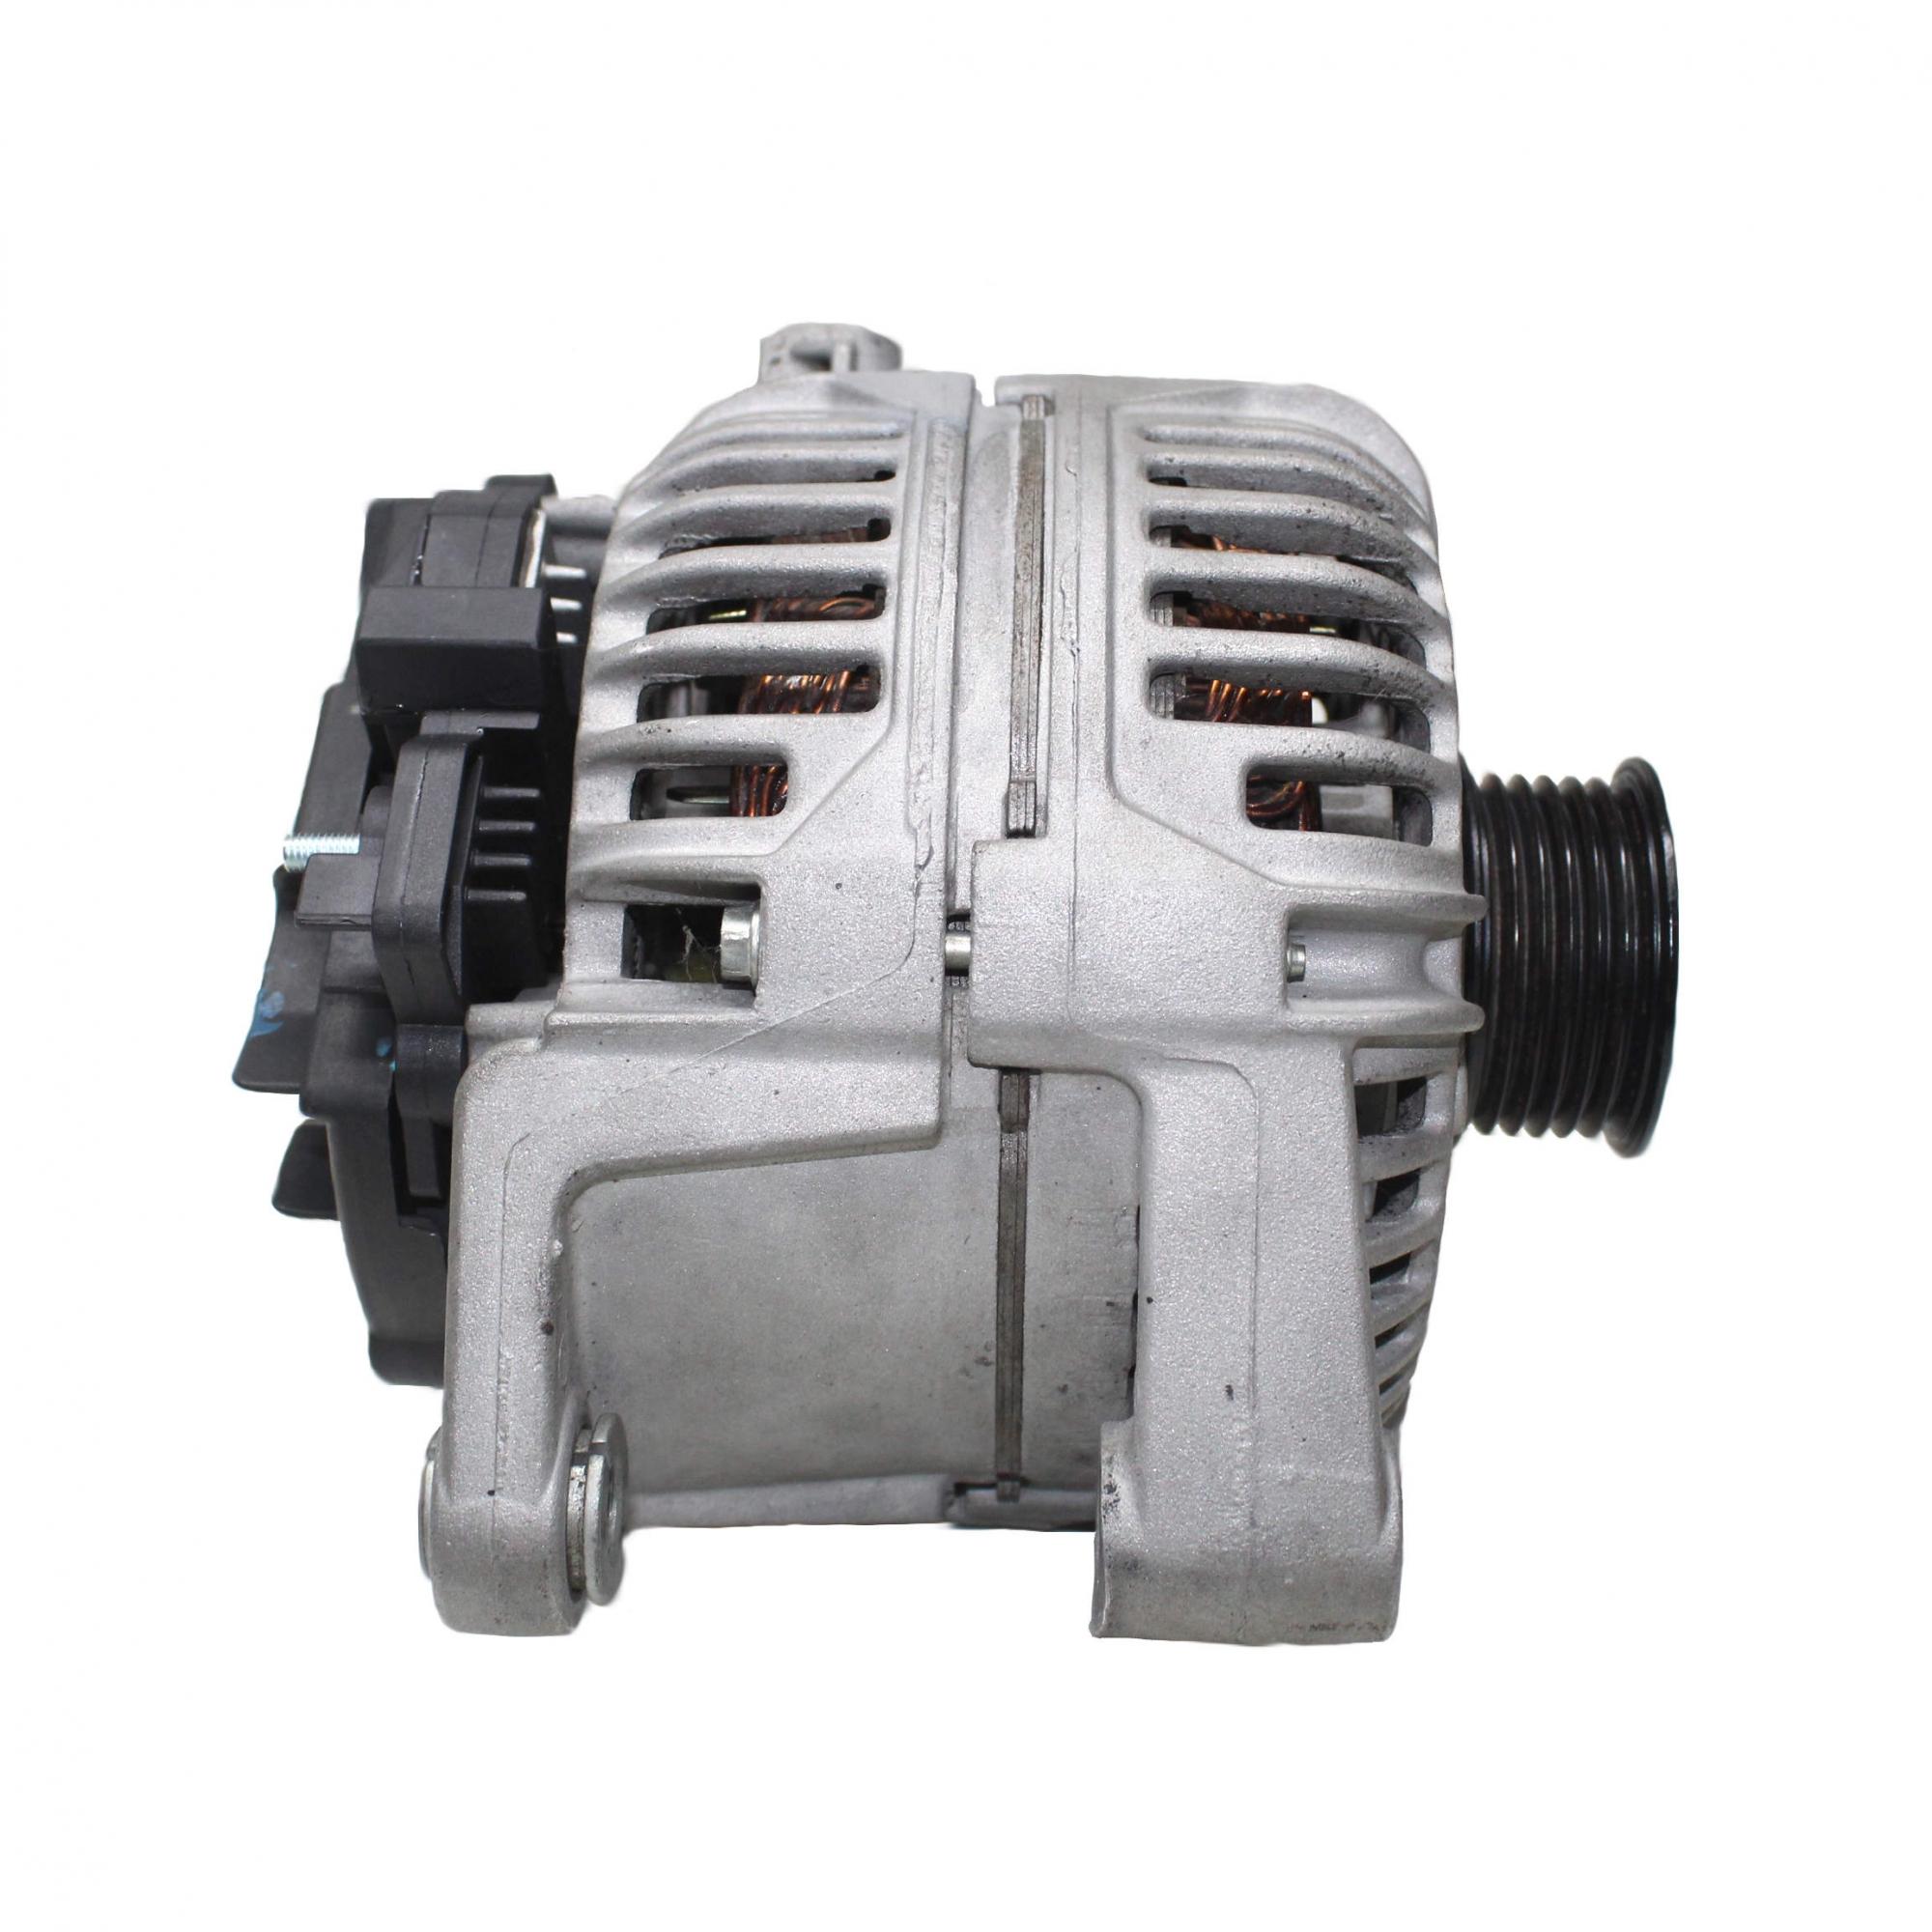 Alternador Bosch 120AH Astra 99..., Zafira 99..., Vectra 2006... 93359979